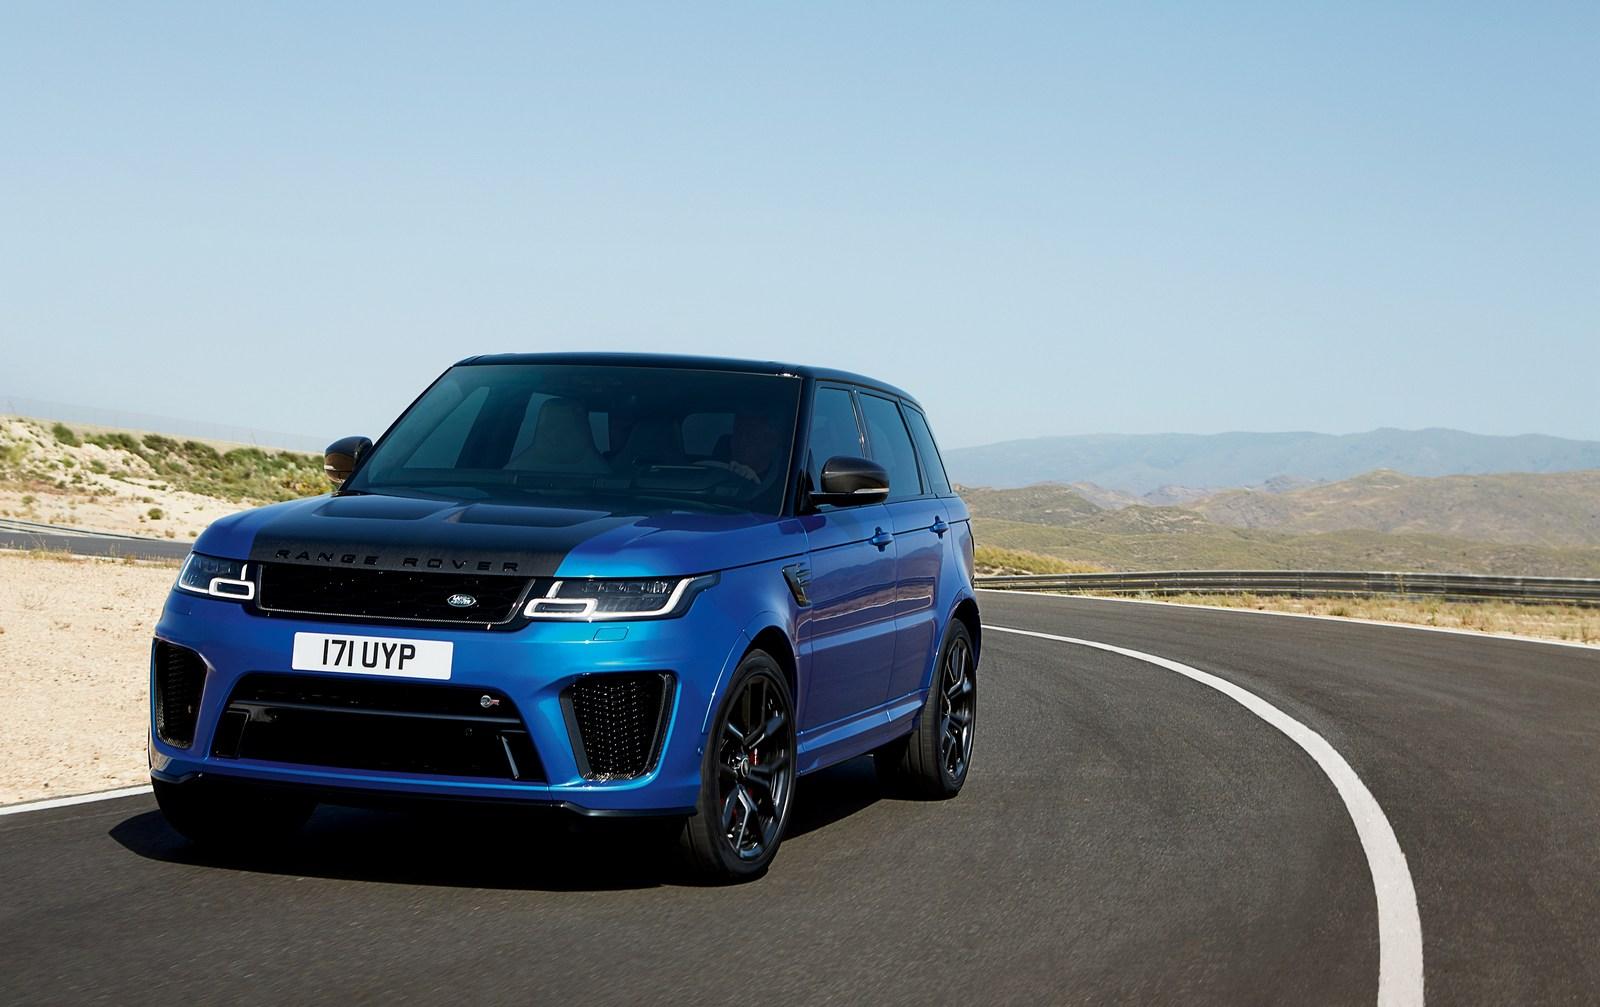 2018_Range_Rover_Sport_SVR_Facelift_18